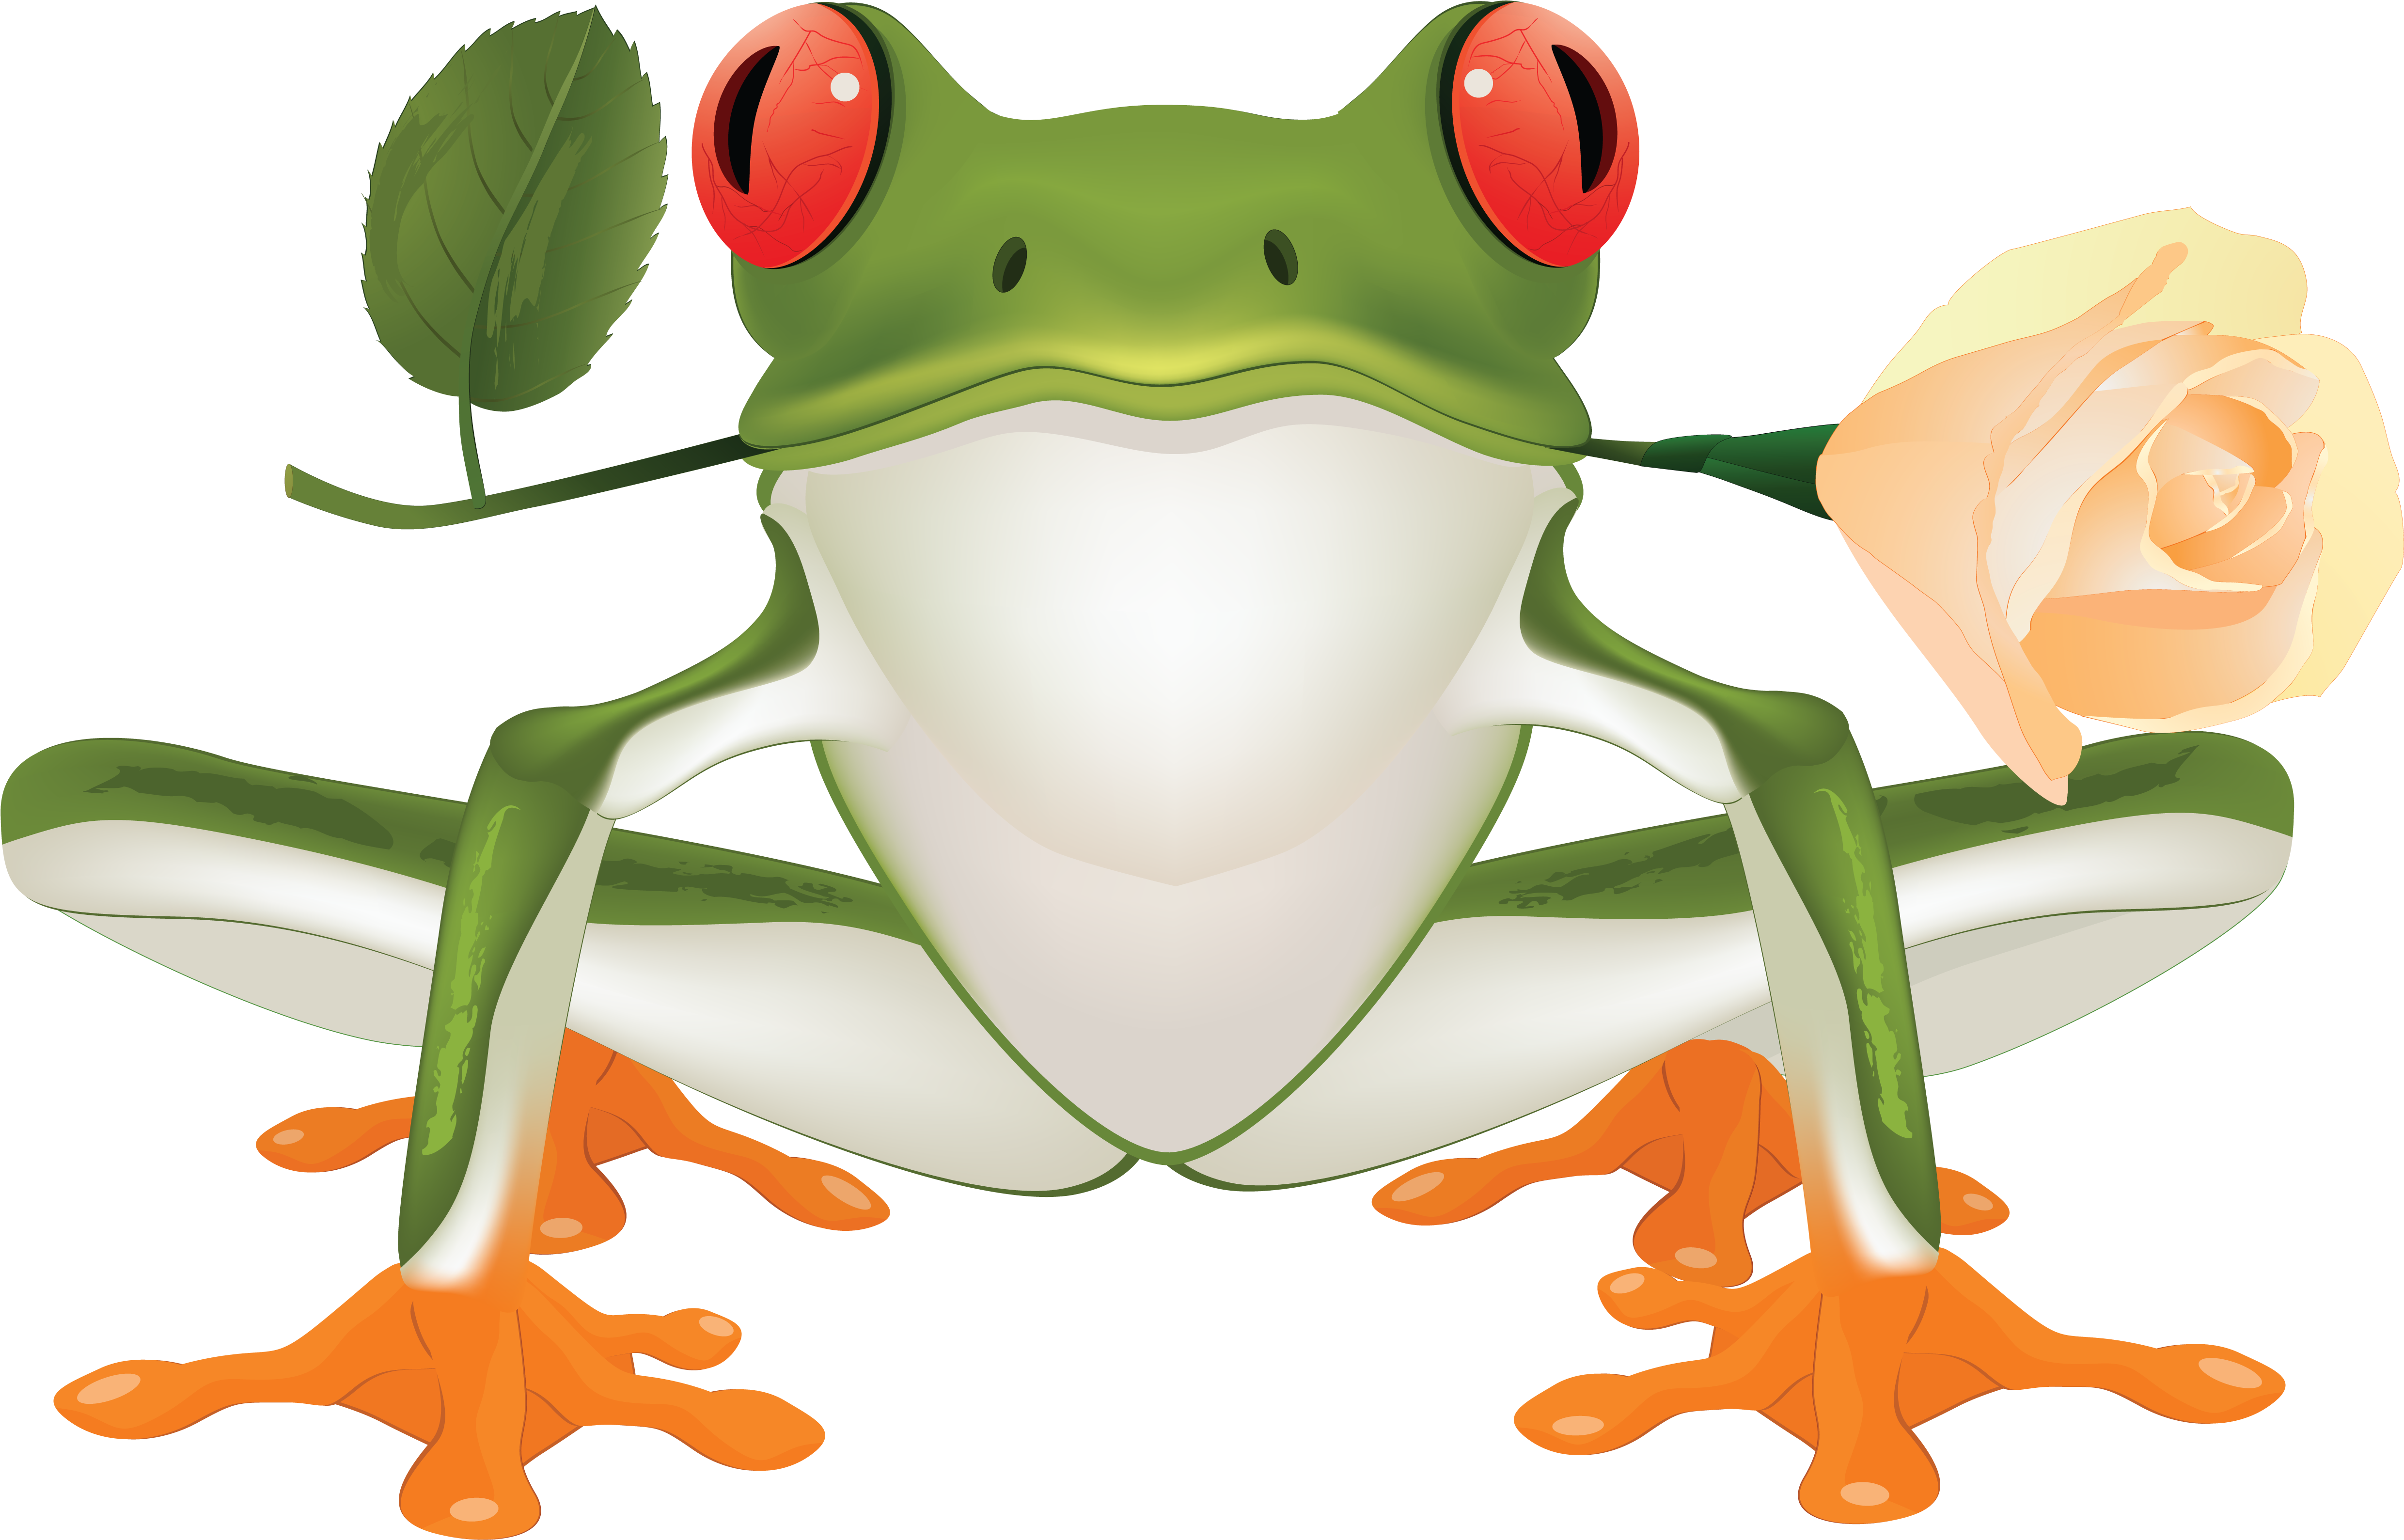 Amphibian,Frog,Agalychnis,Tree frog,Tree frog,Clip art,True.